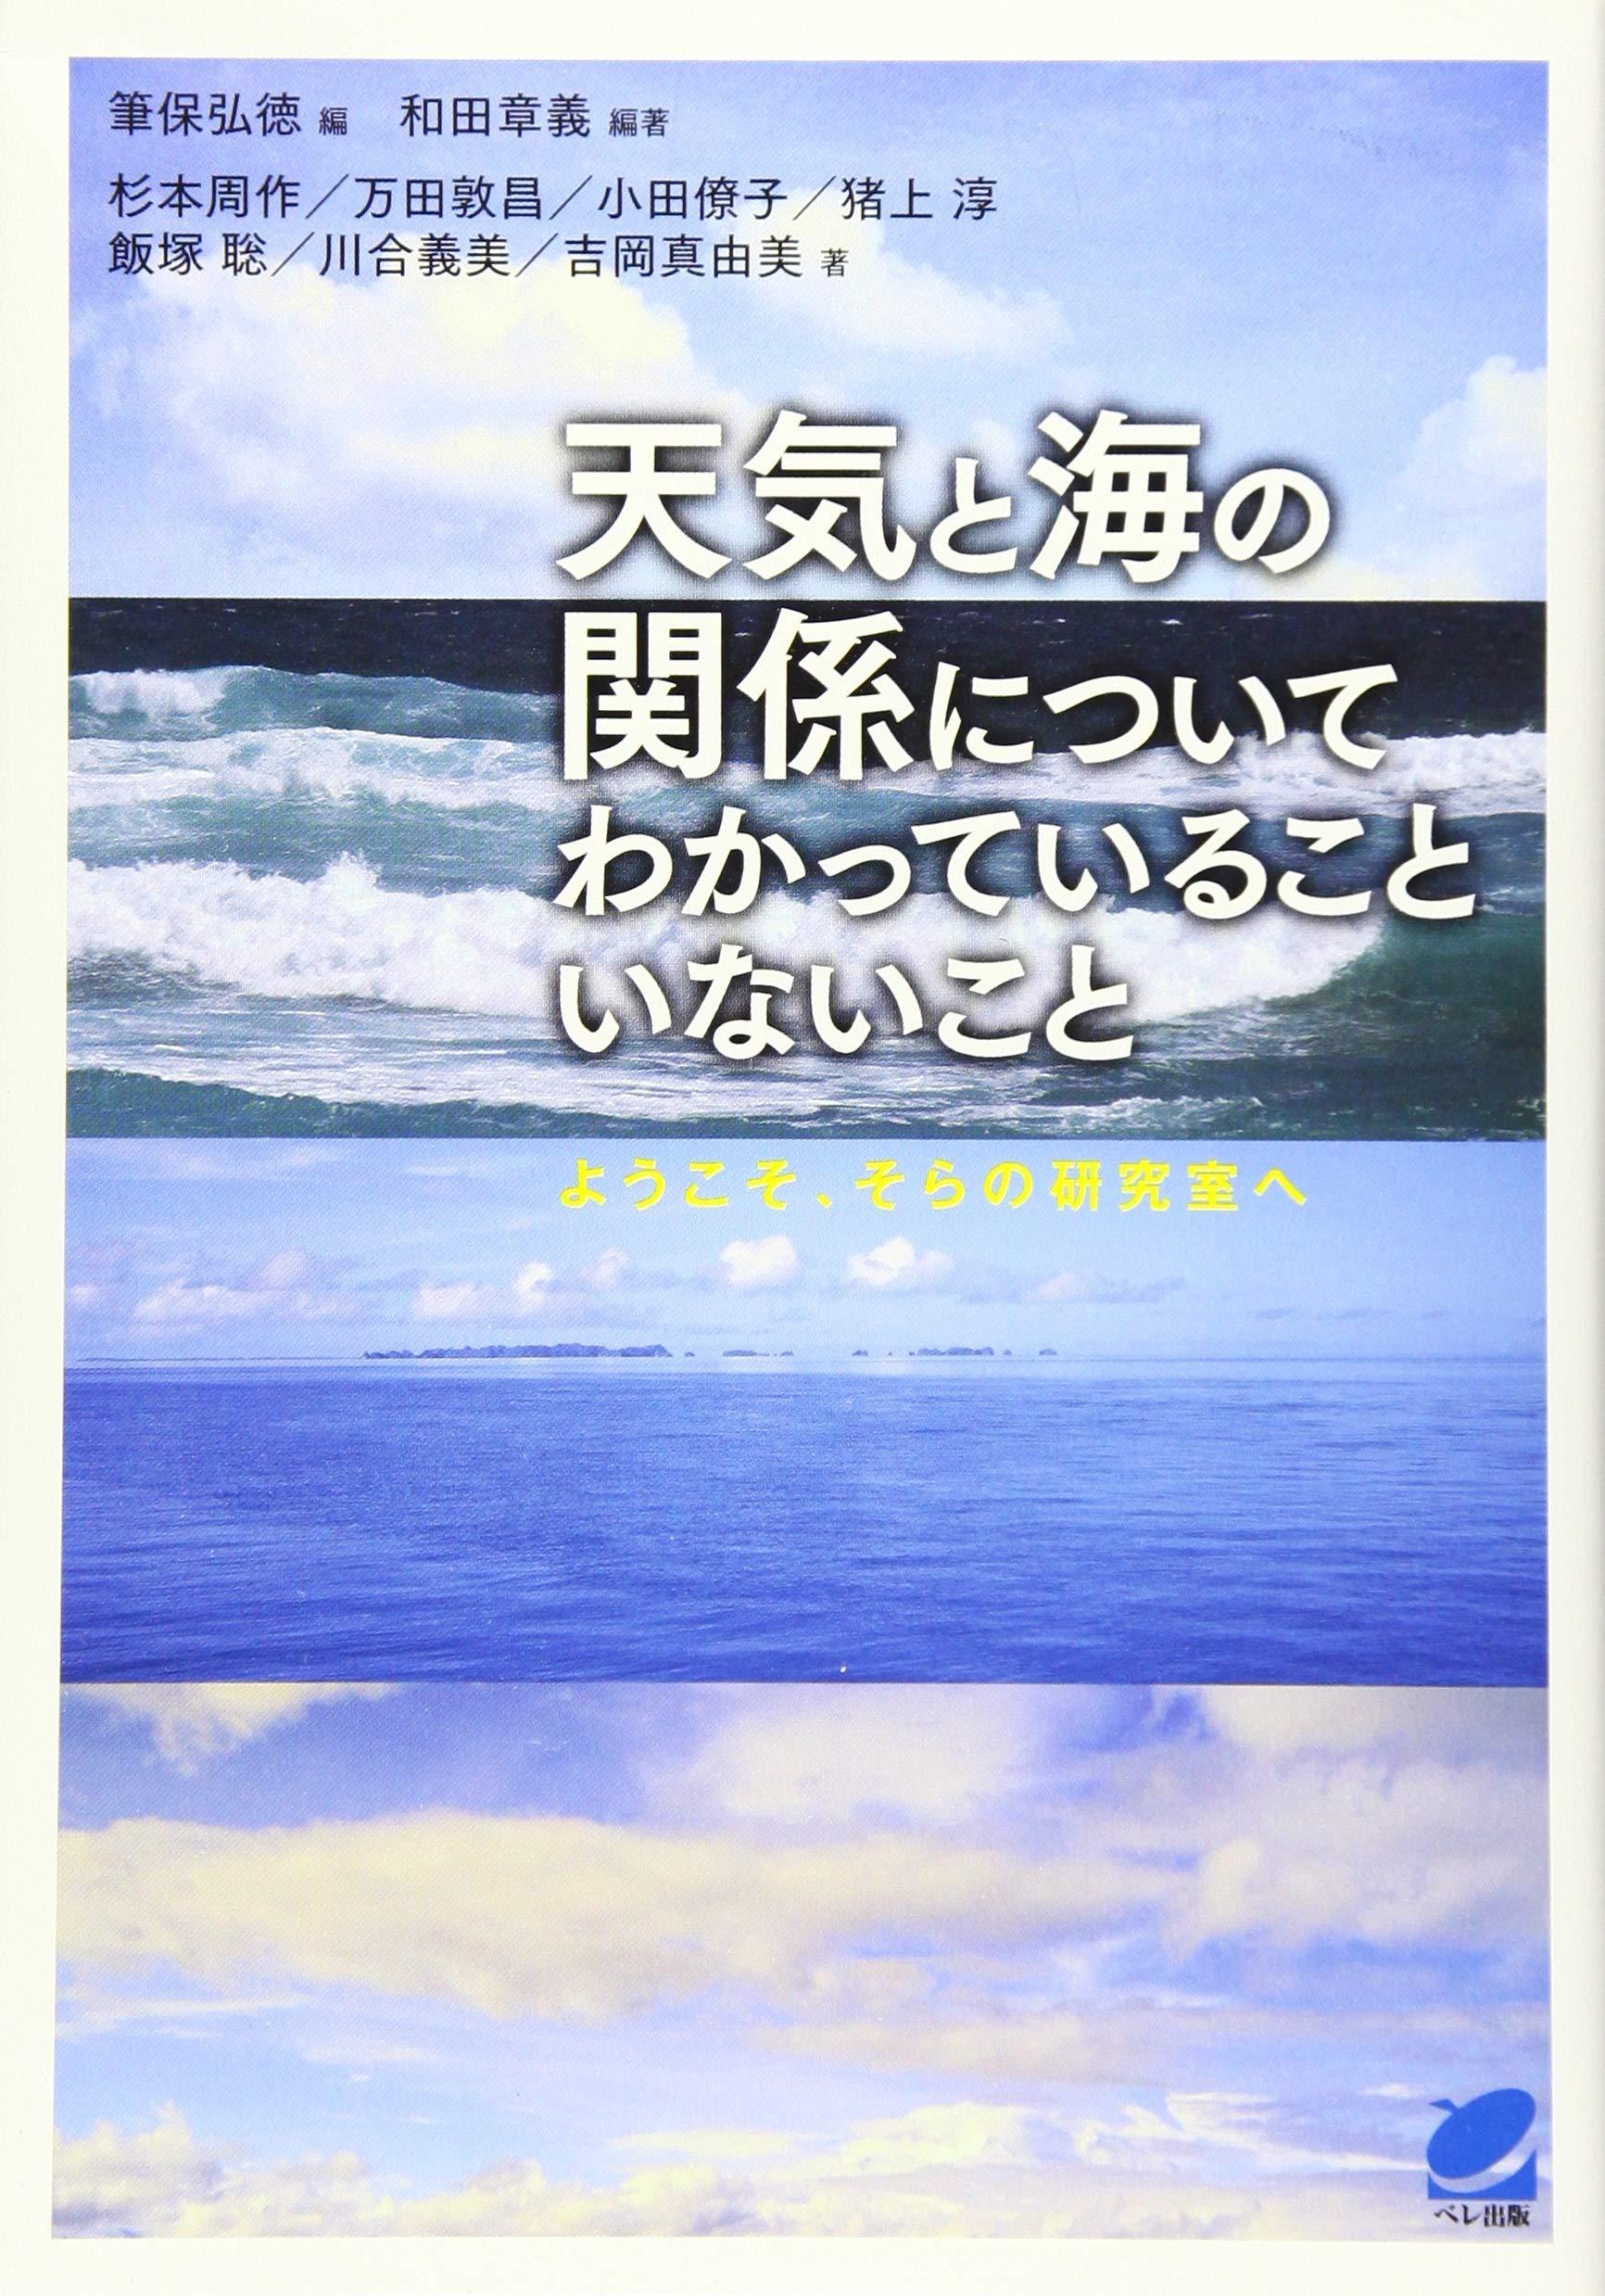 海 の 天気